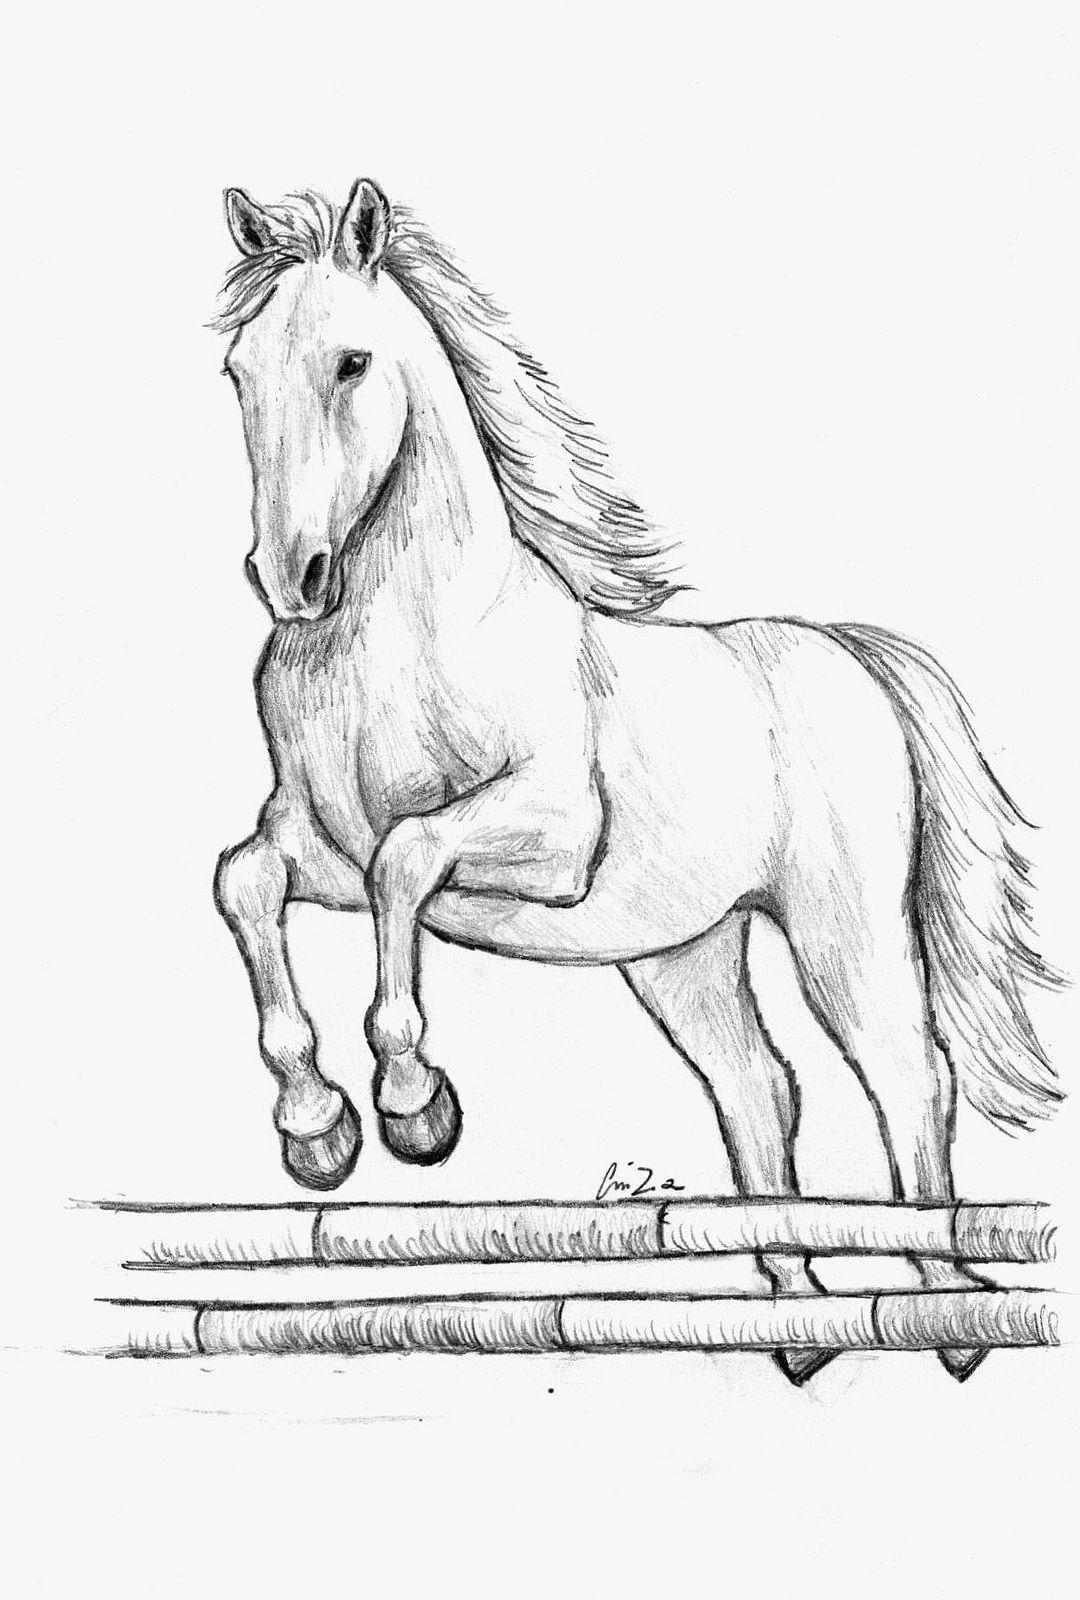 Disegni Da Colorare Di Cavalli Selvaggi.Disegni Da Colorare Di Cavalli